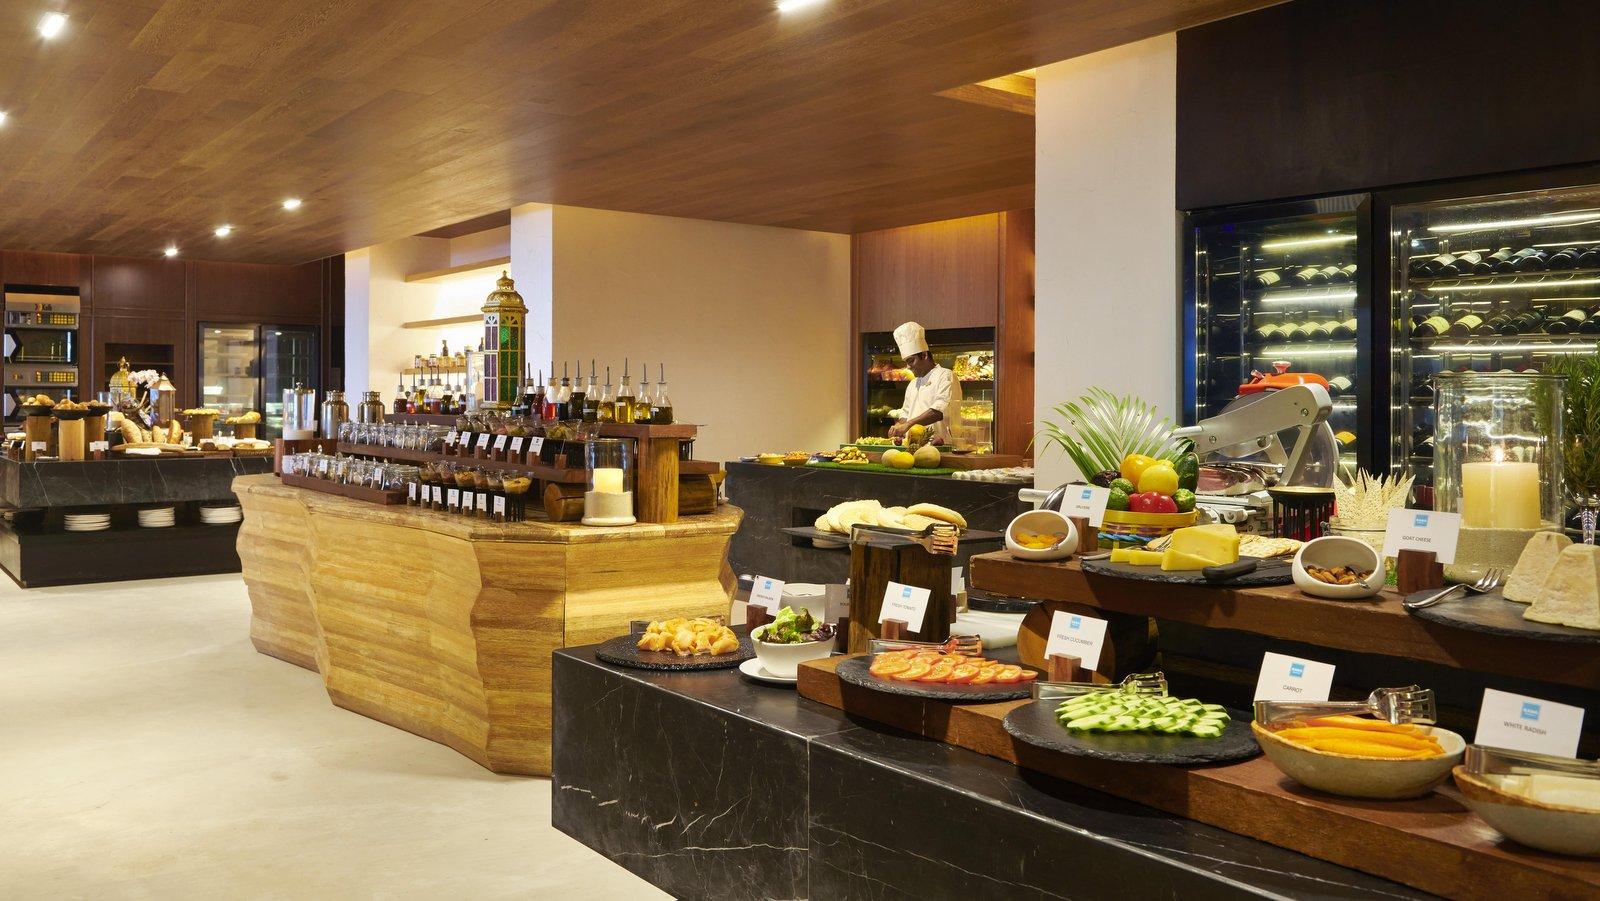 Мальдивы, отель Fairmont Maldives Sirru Fen Fushi, ресторан RAHA MARKET